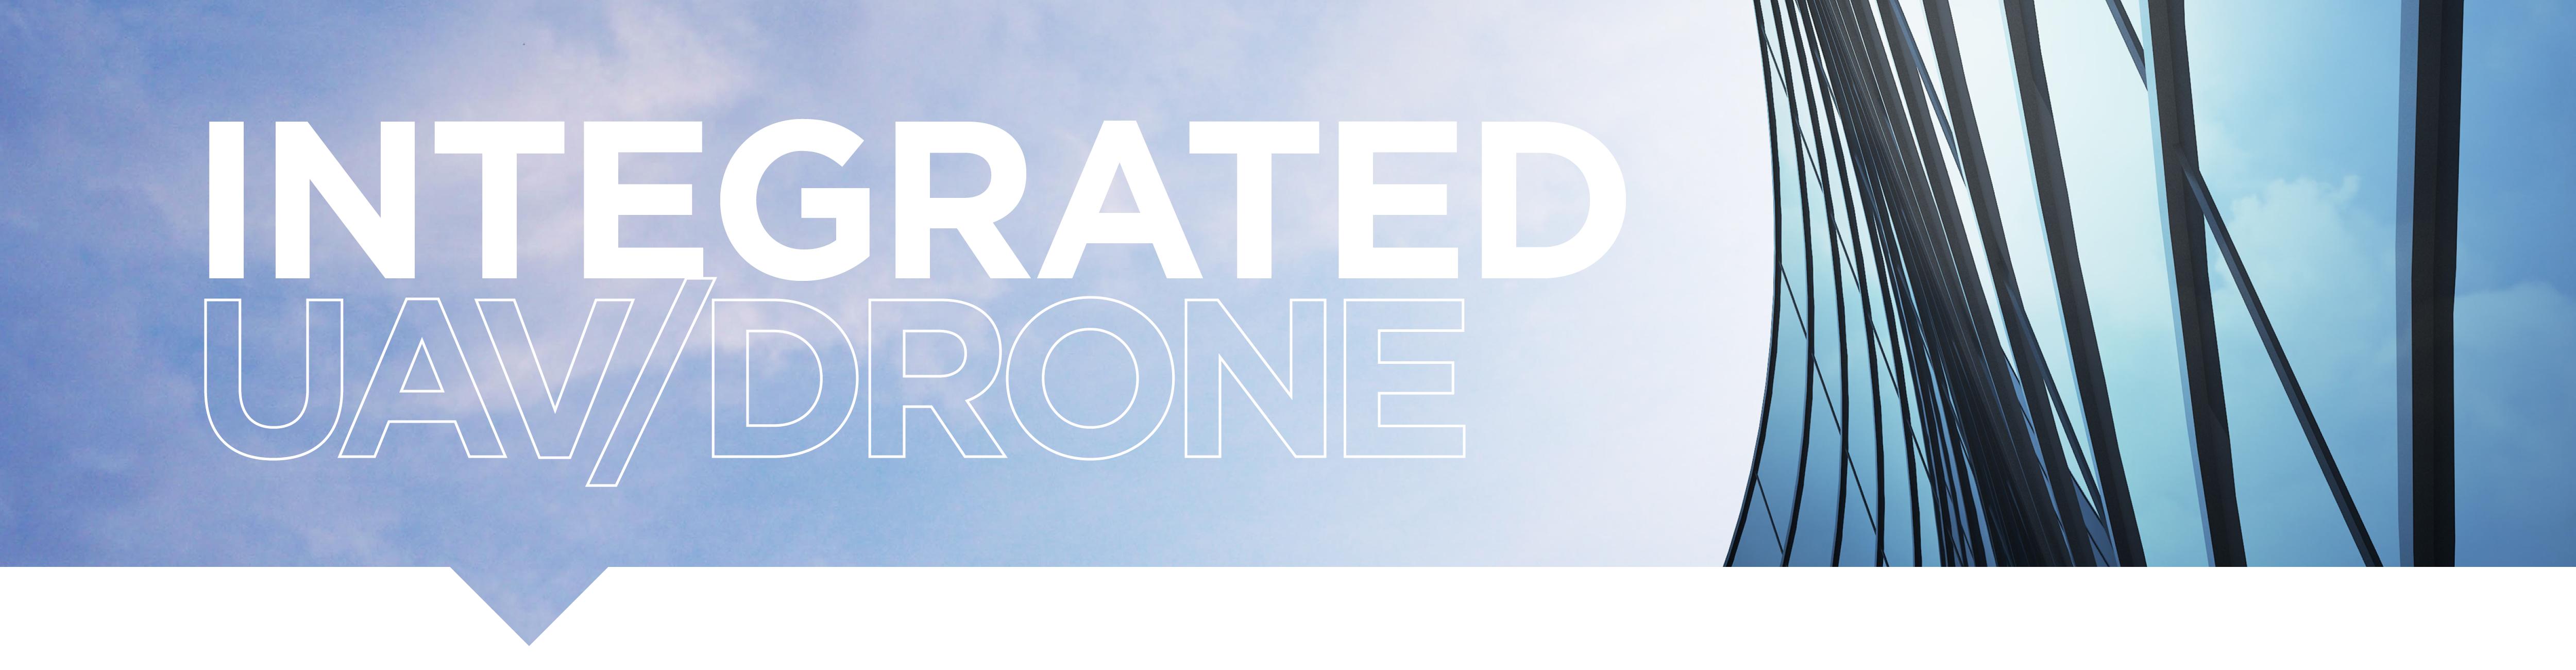 uav-drone-banner